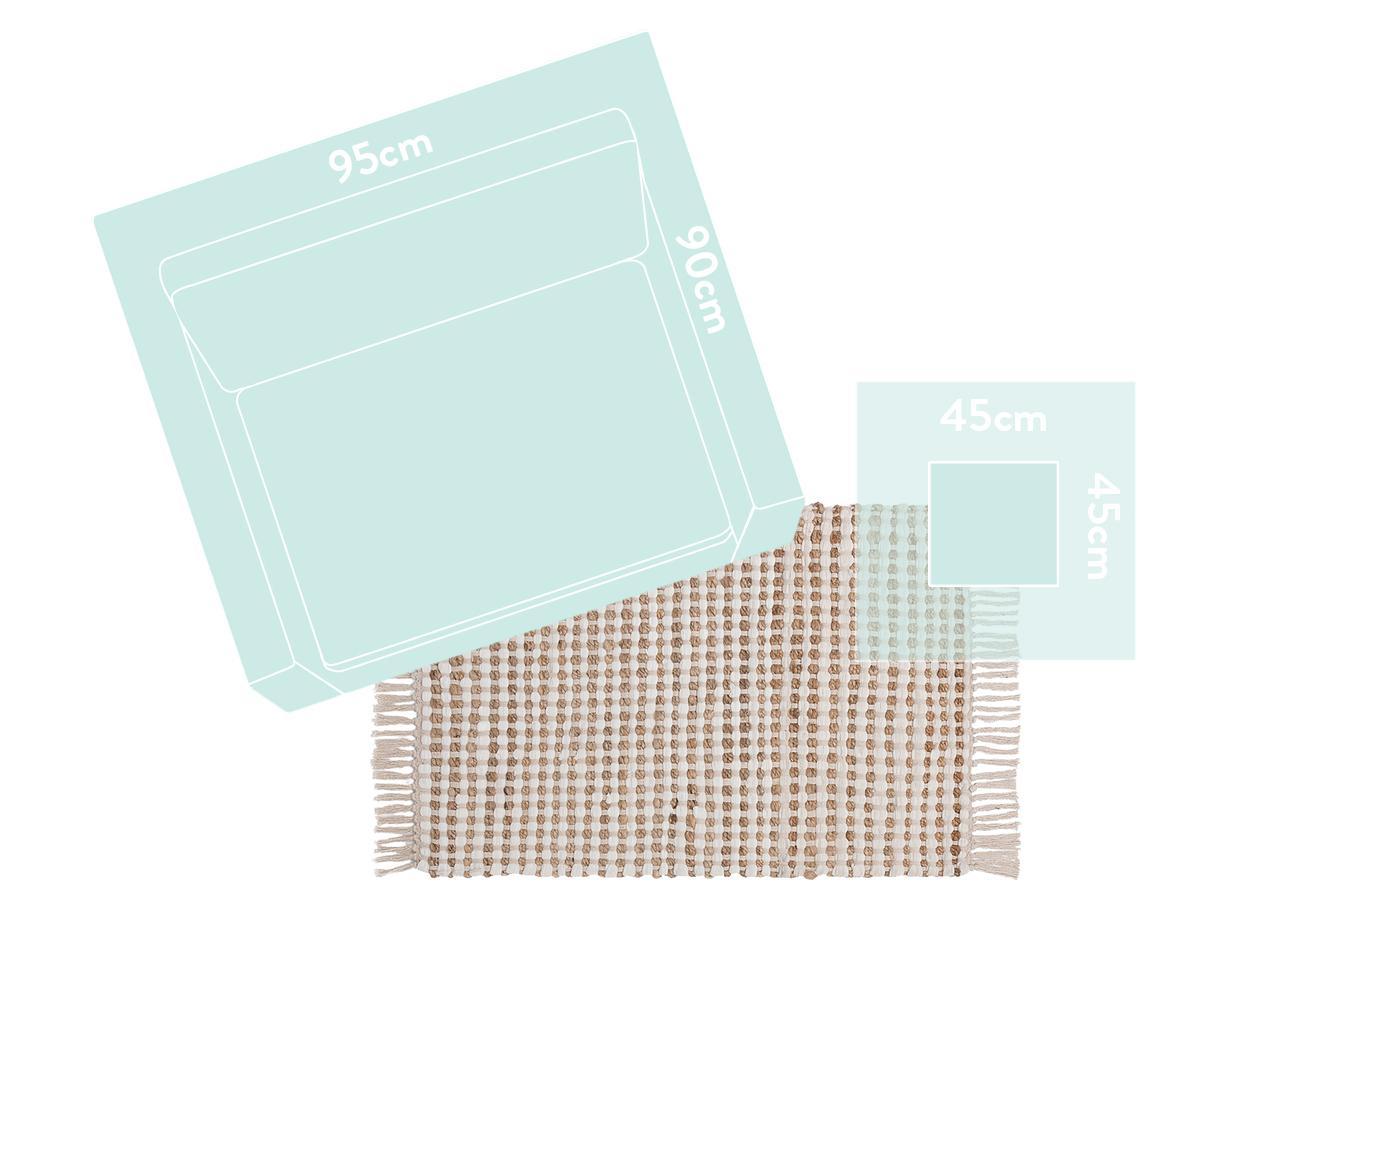 Teppich Fiesta aus Baumwolle/Jute, 55% Baumwolle, 45% Jute, Weiß, Beige, B 60 x L 90 cm (Größe XXS)